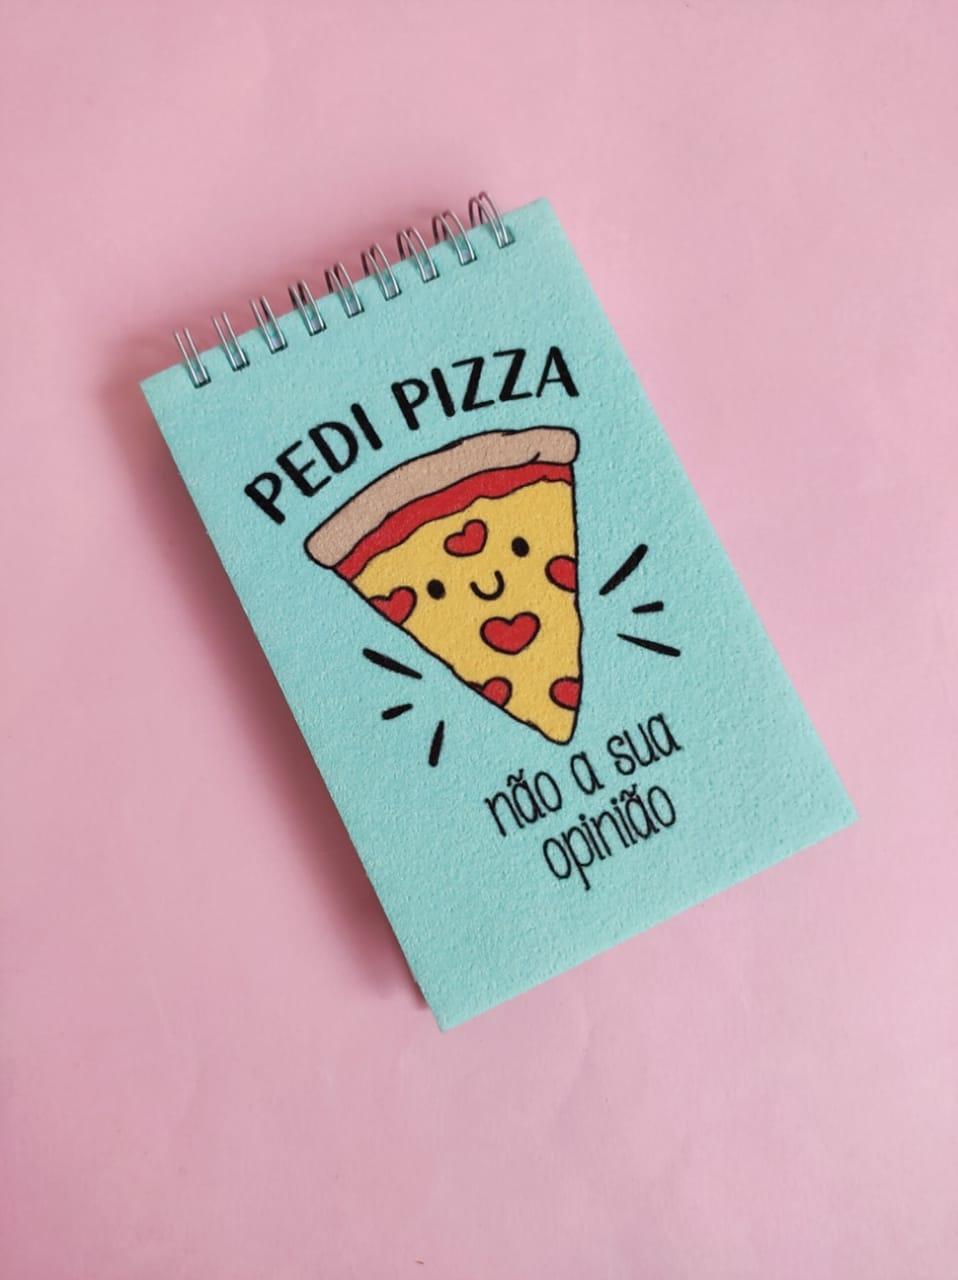 Bloquinho Pedi Pizza Não sua Opinião